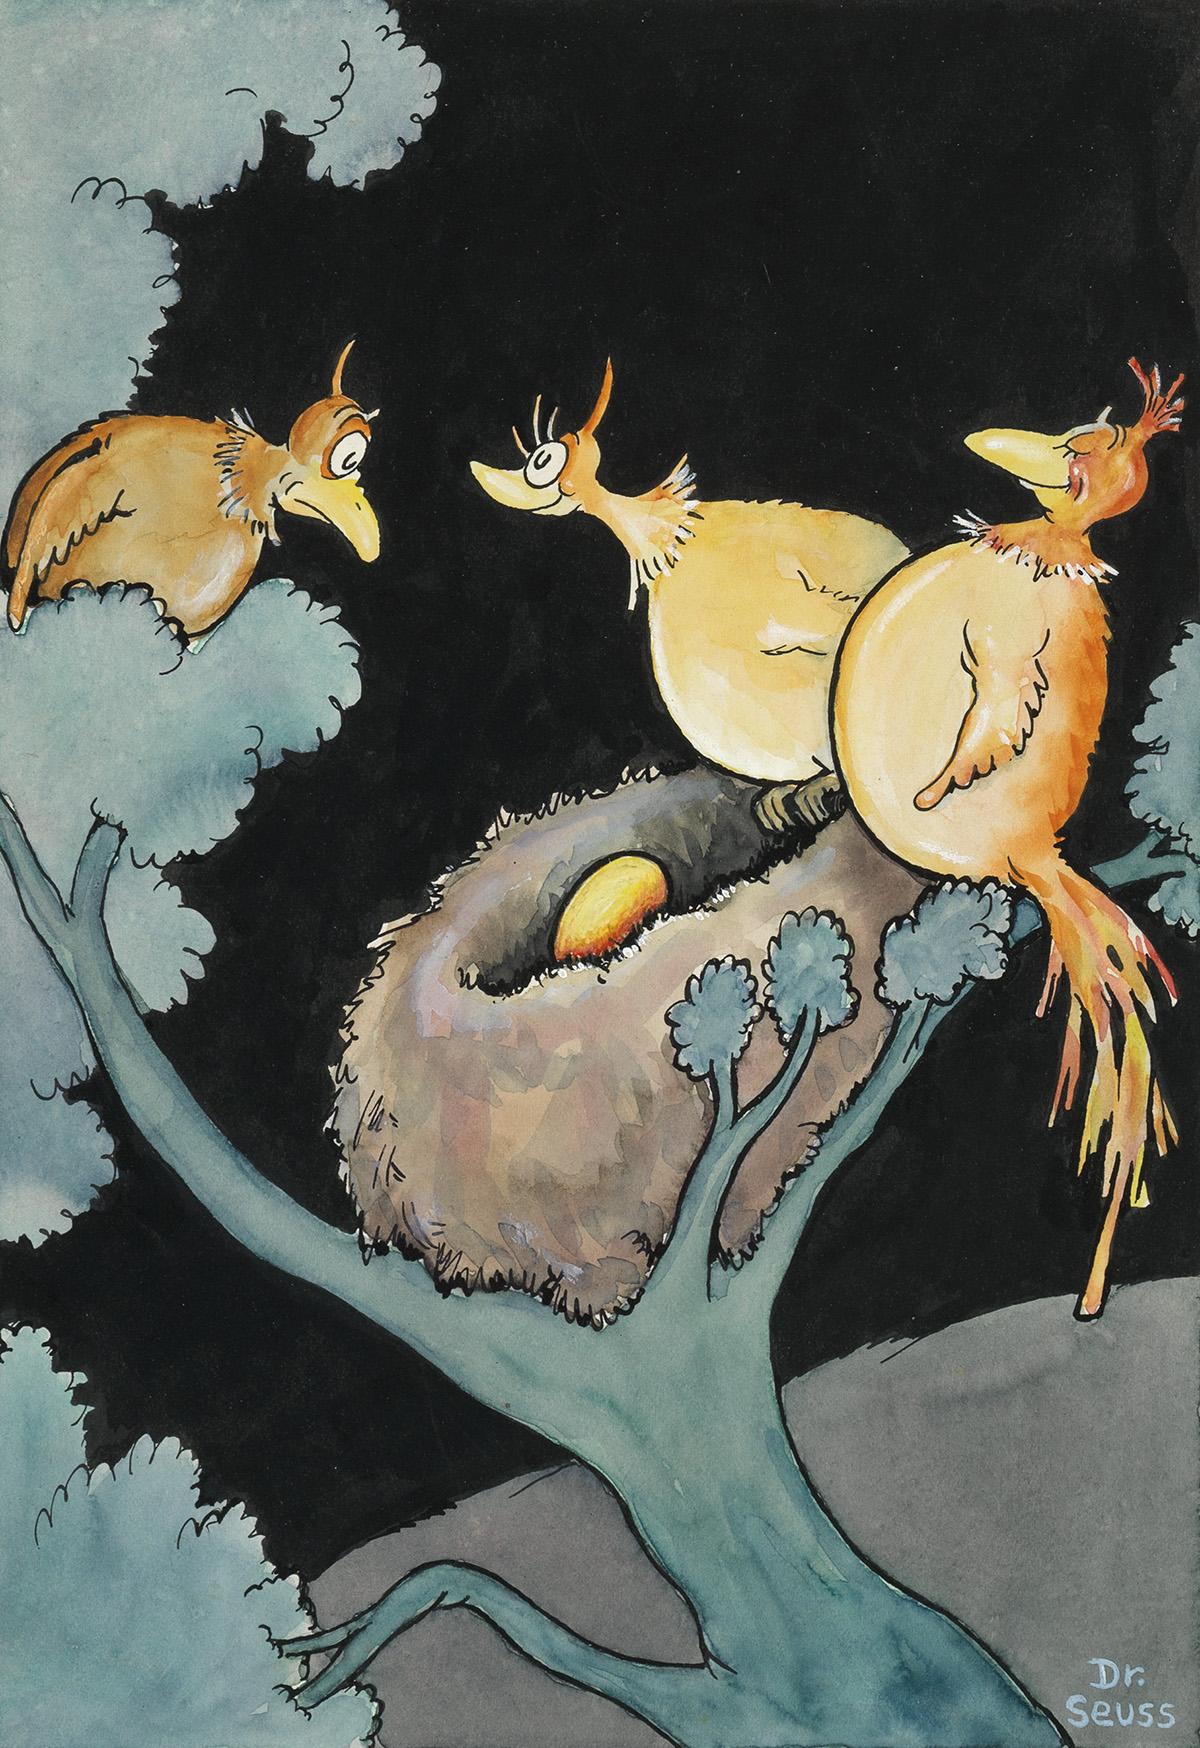 CHILDRENS-CALENDAR-BIRDS-DR-SEUSS-(THEODOR-GEISEL)-Its-our-f